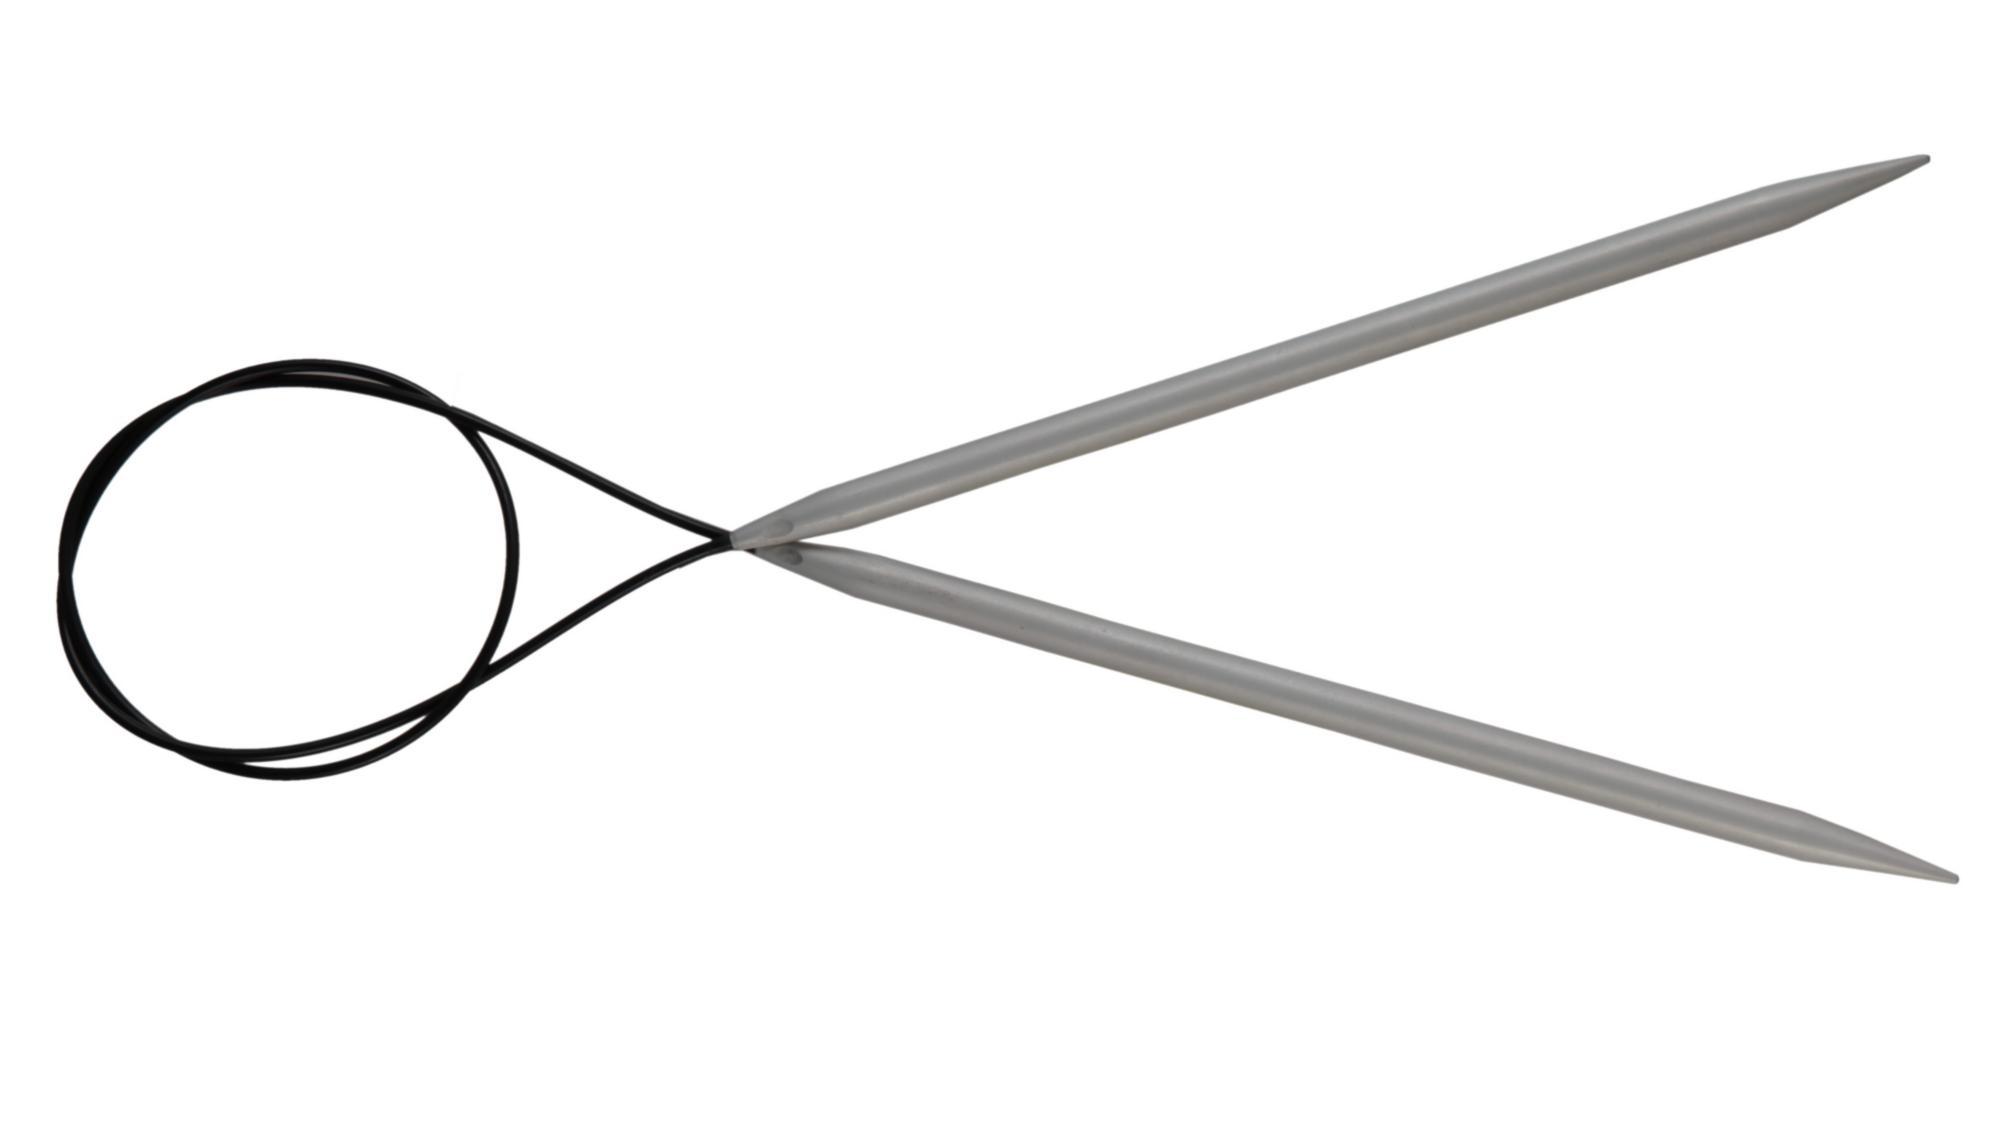 Спицы круговые 60 см Basix Aluminium KnitPro, 45325, 4.00 мм